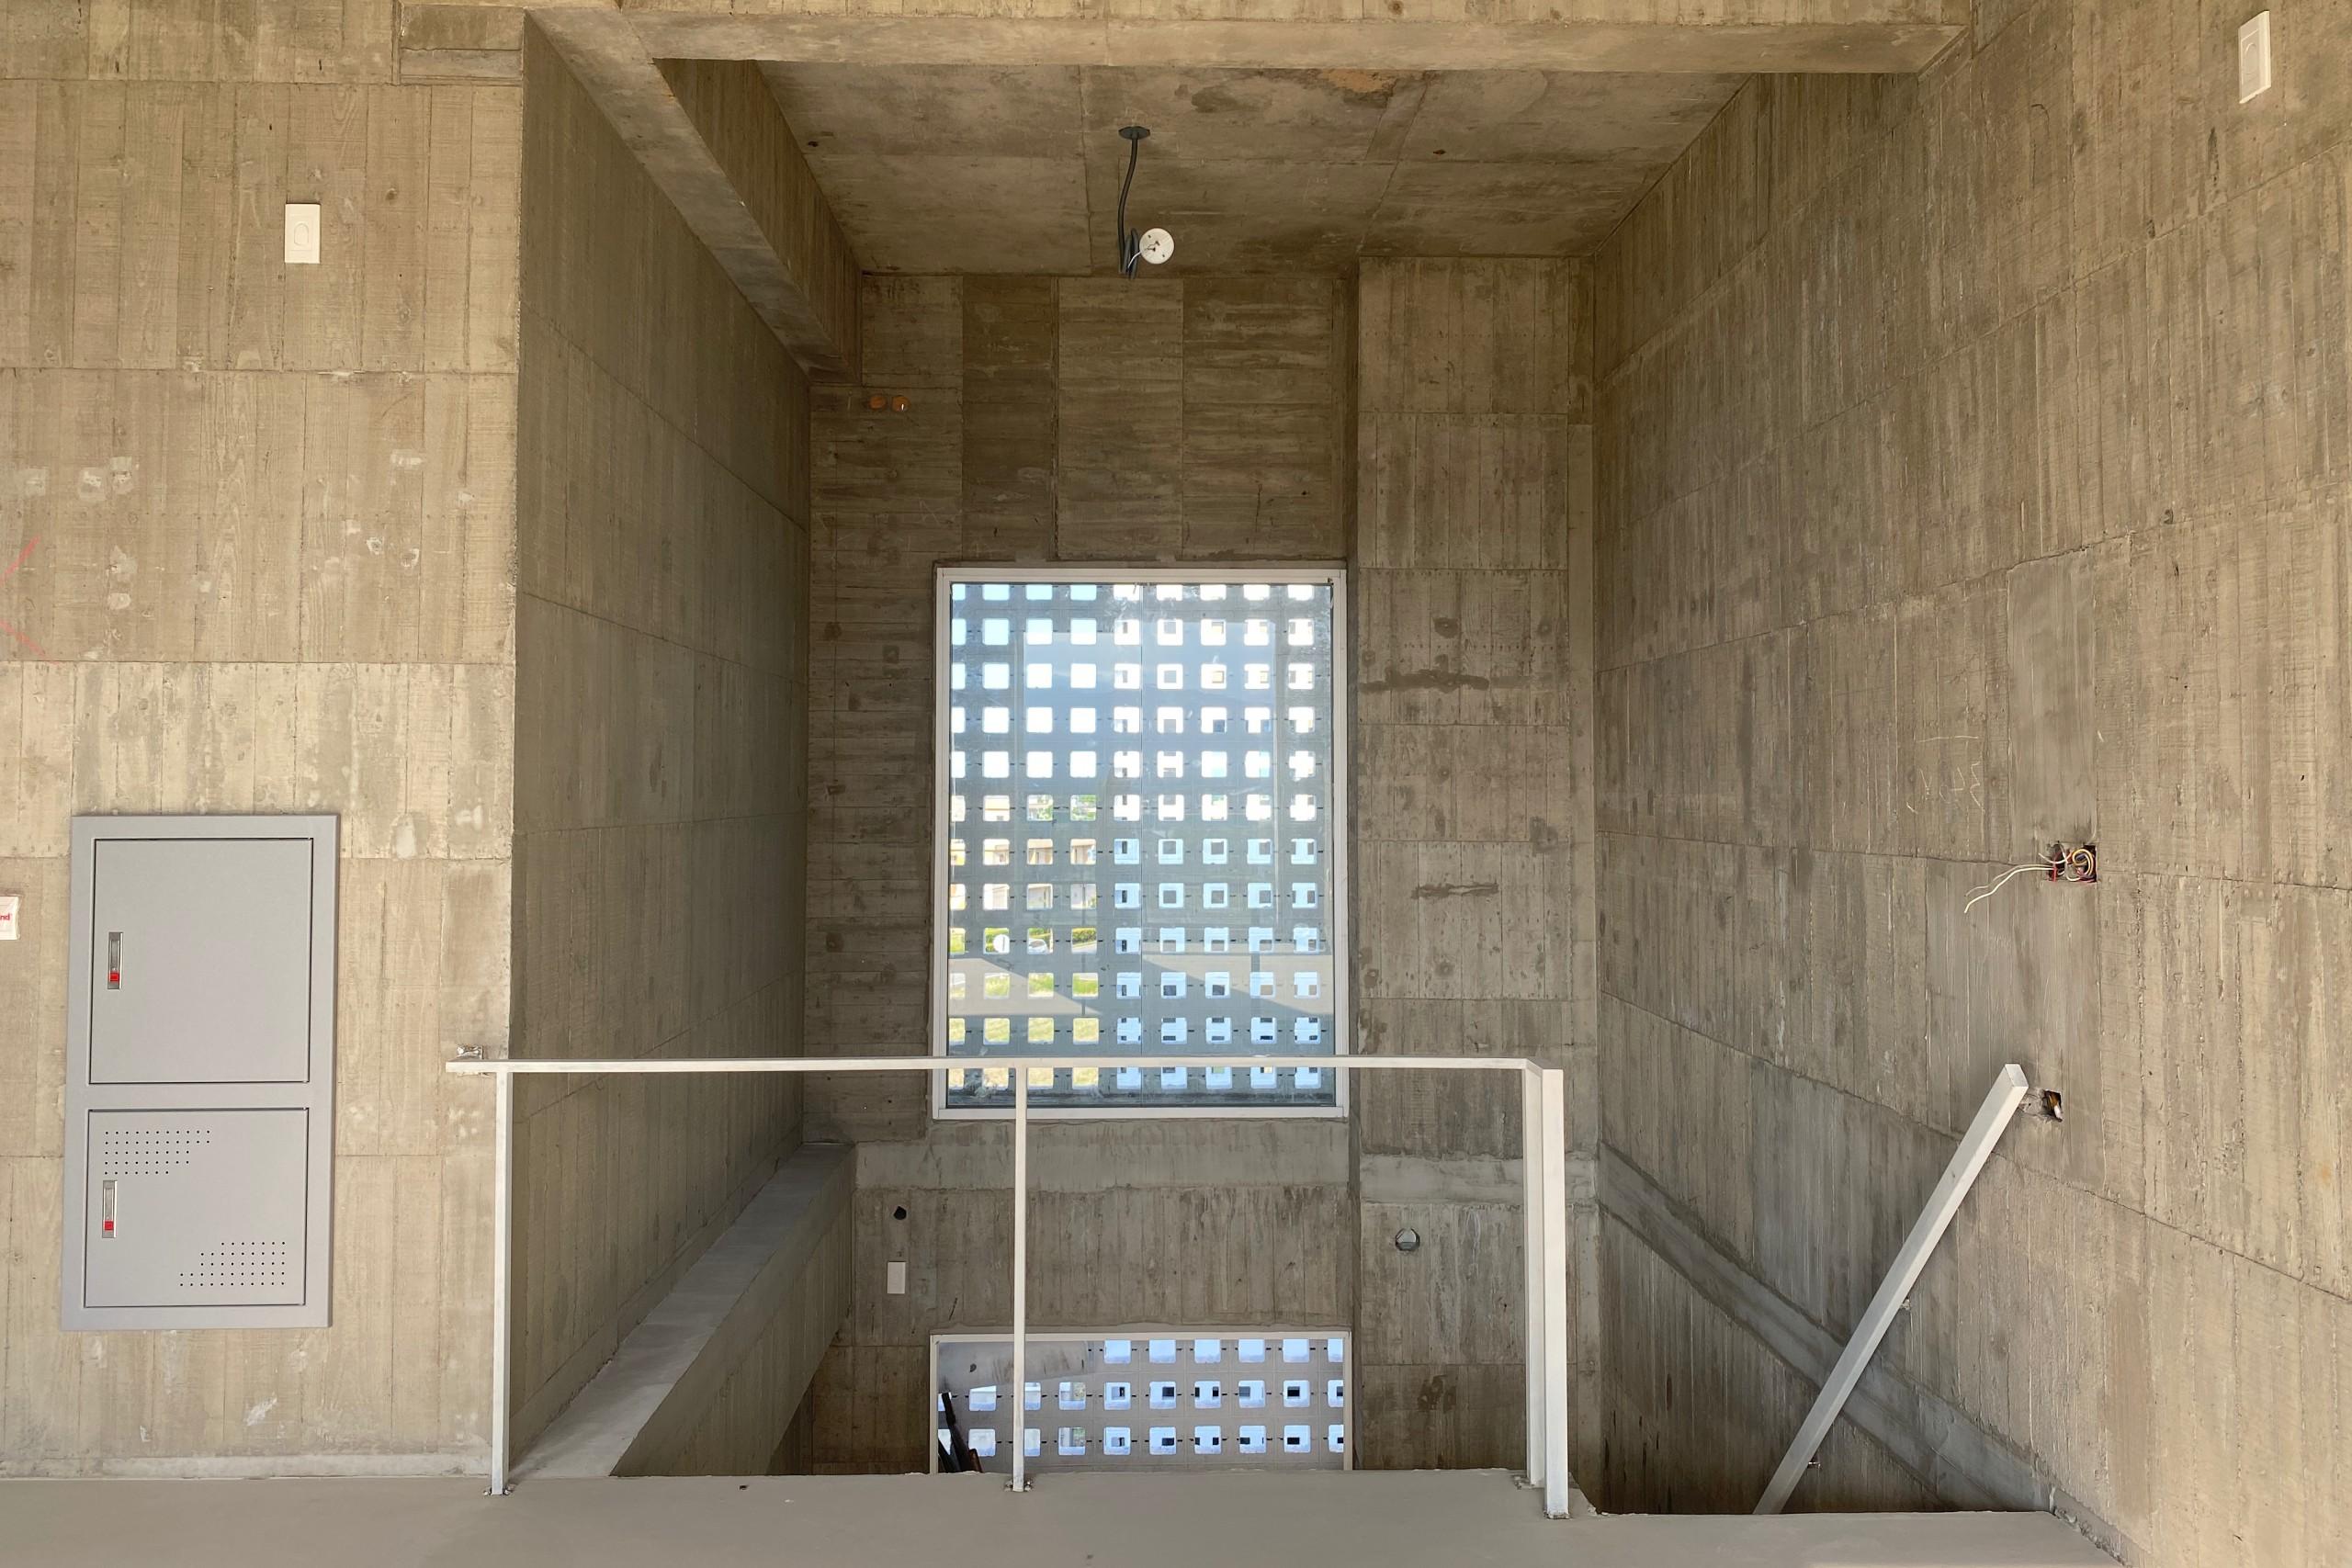 德築-DEZU-project-Zutian-architecture-real-estate-engineering-37